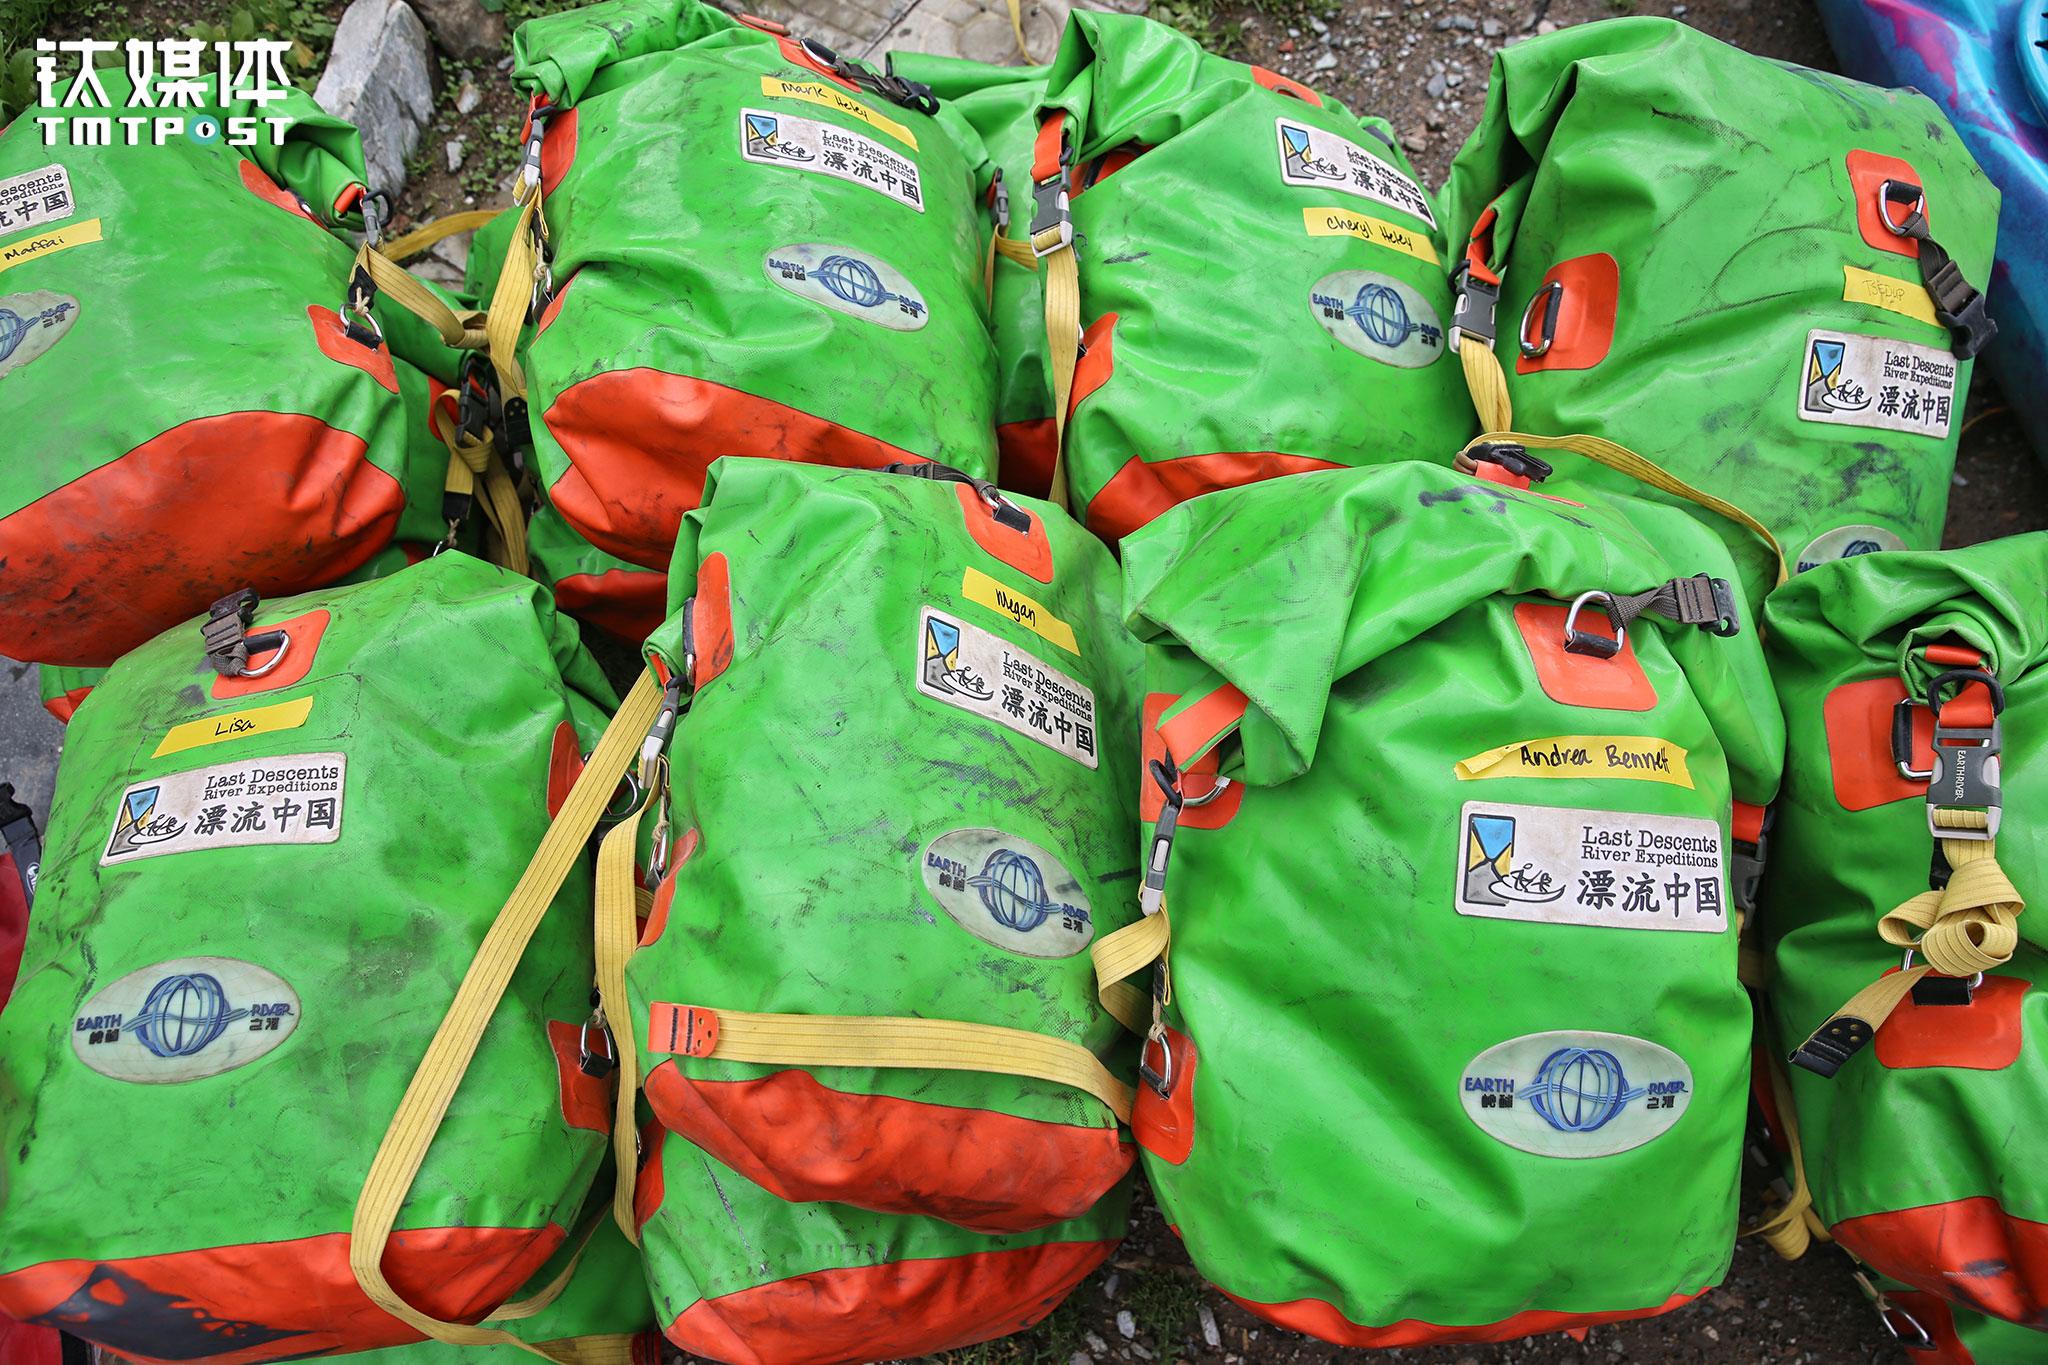 """准备就绪的防水袋,装着睡袋和客人携带的其他物品。2006年美国人文大川(Travis Winn)发起成立了""""Last Descents•漂流中国"""",Last Descents意为""""最后的漂流"""":因为一些地方水电站无序建设,不少江河流域的首漂也成为最后一漂。"""